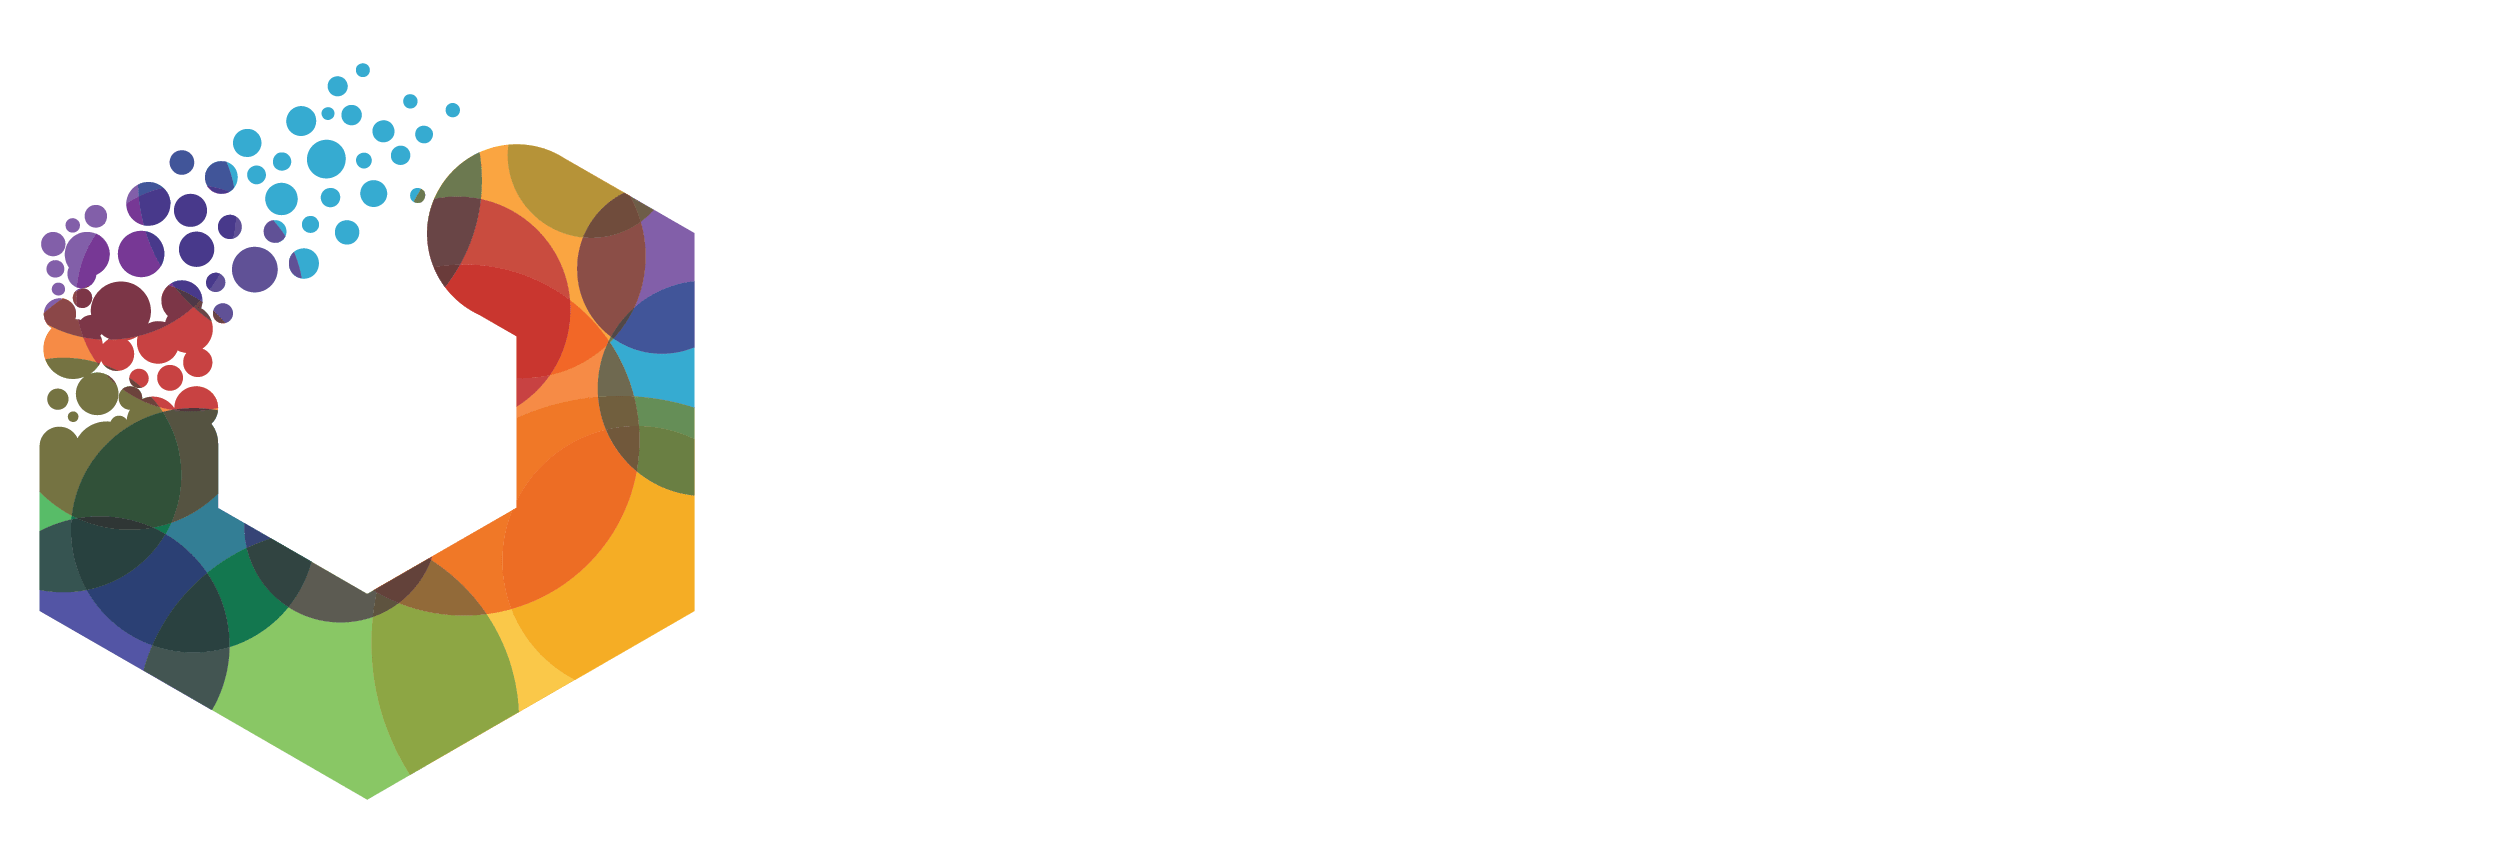 Logo for WMGNA